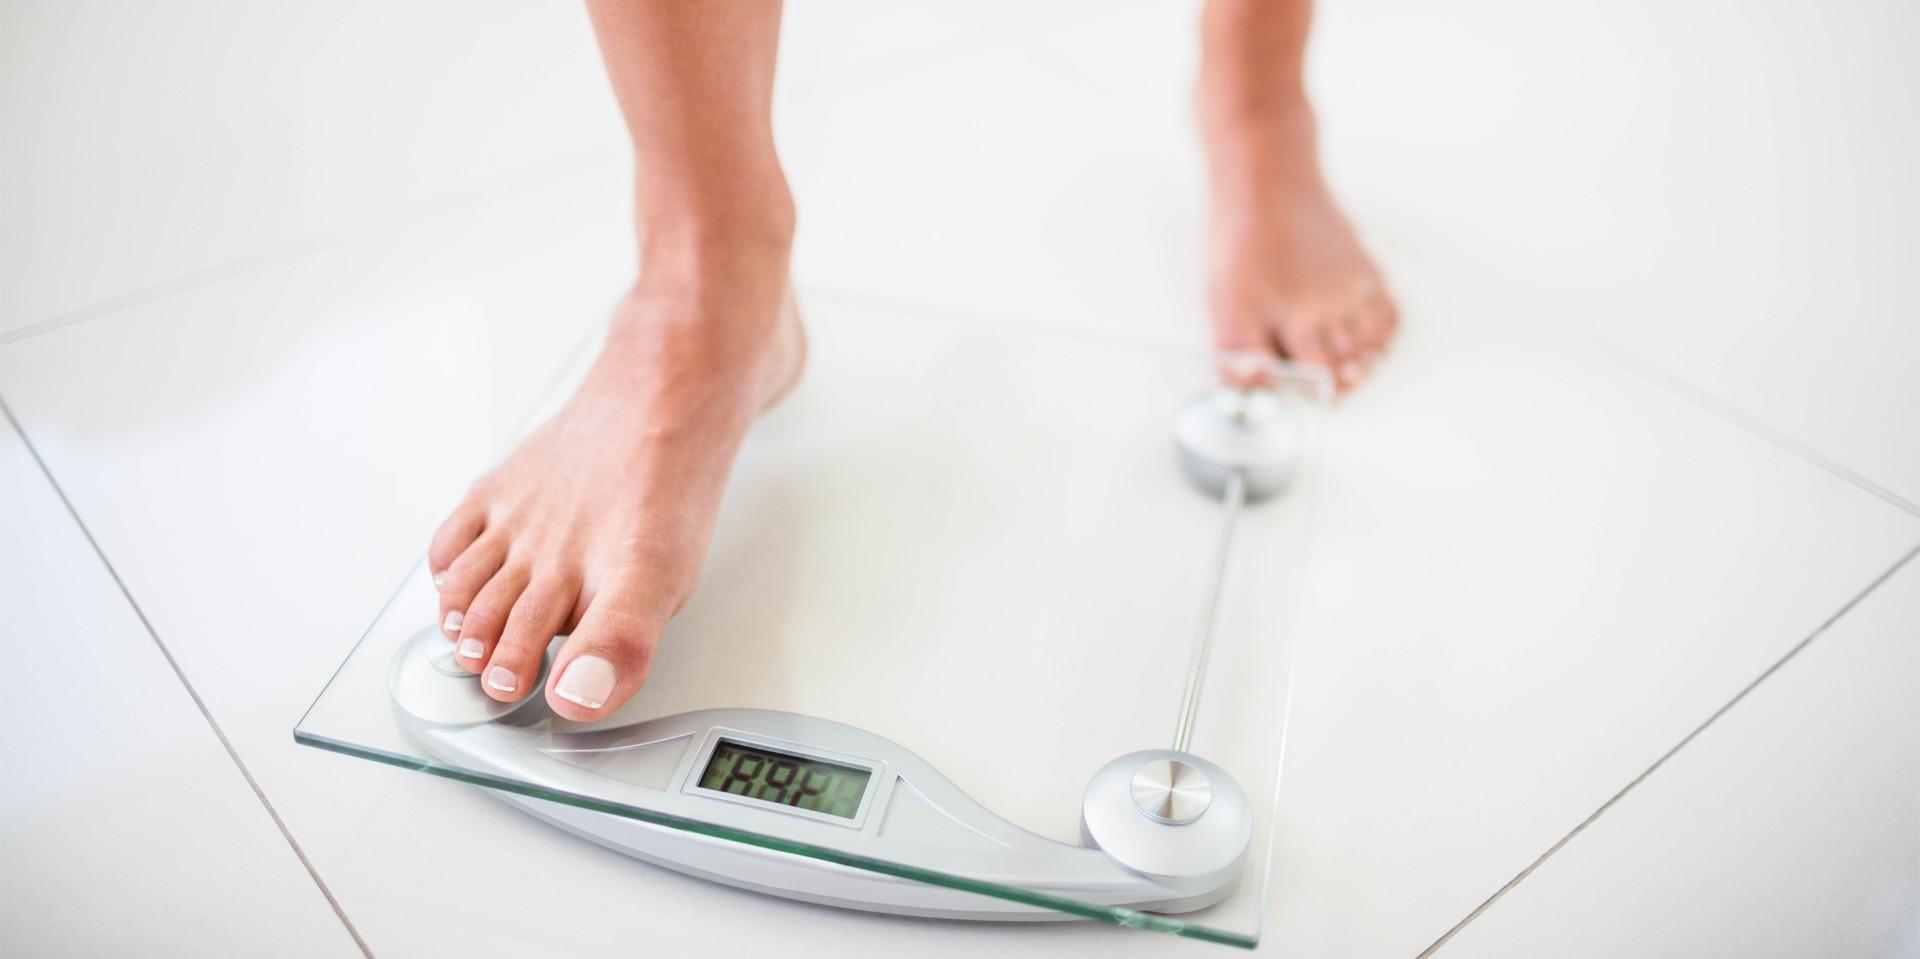 referință la pierderea în greutate)